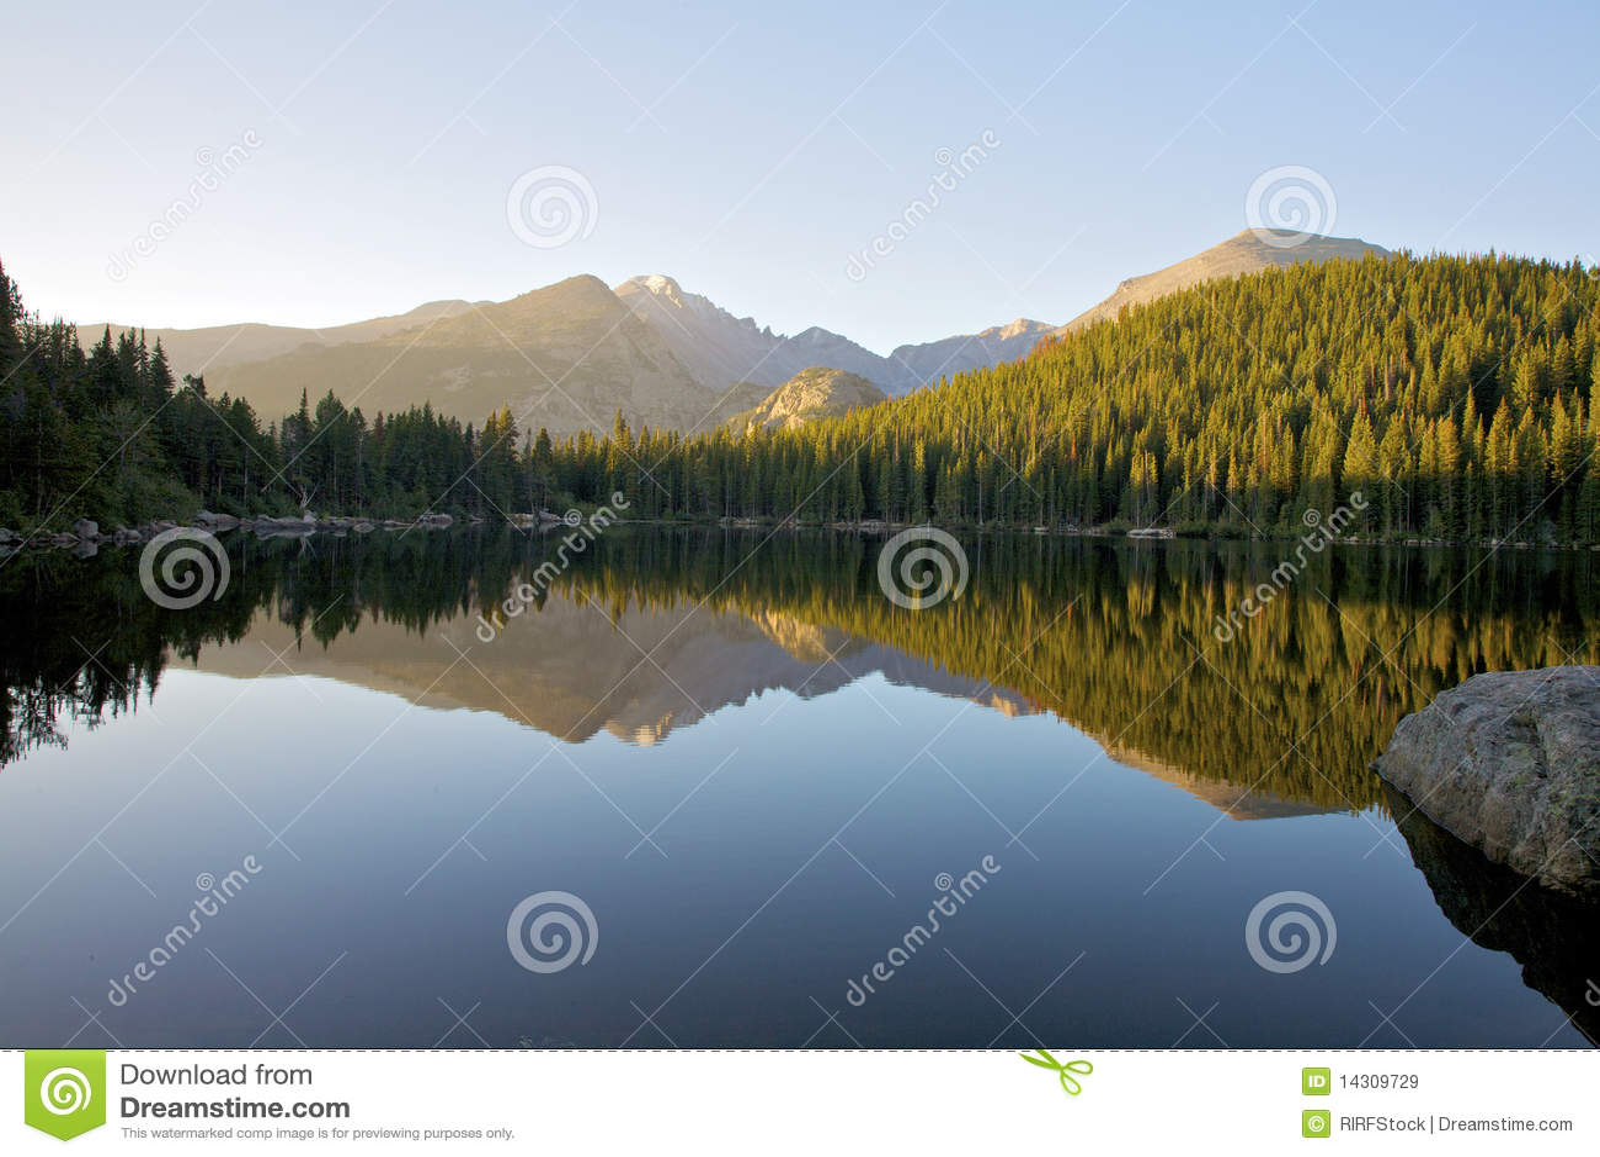 Bear Lake at Sunrise